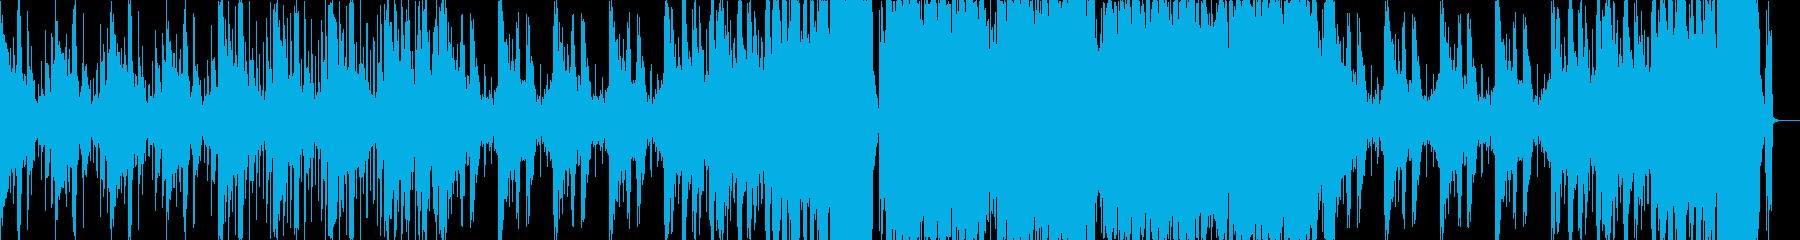 不思議な感じのハイブリッドトラップの再生済みの波形